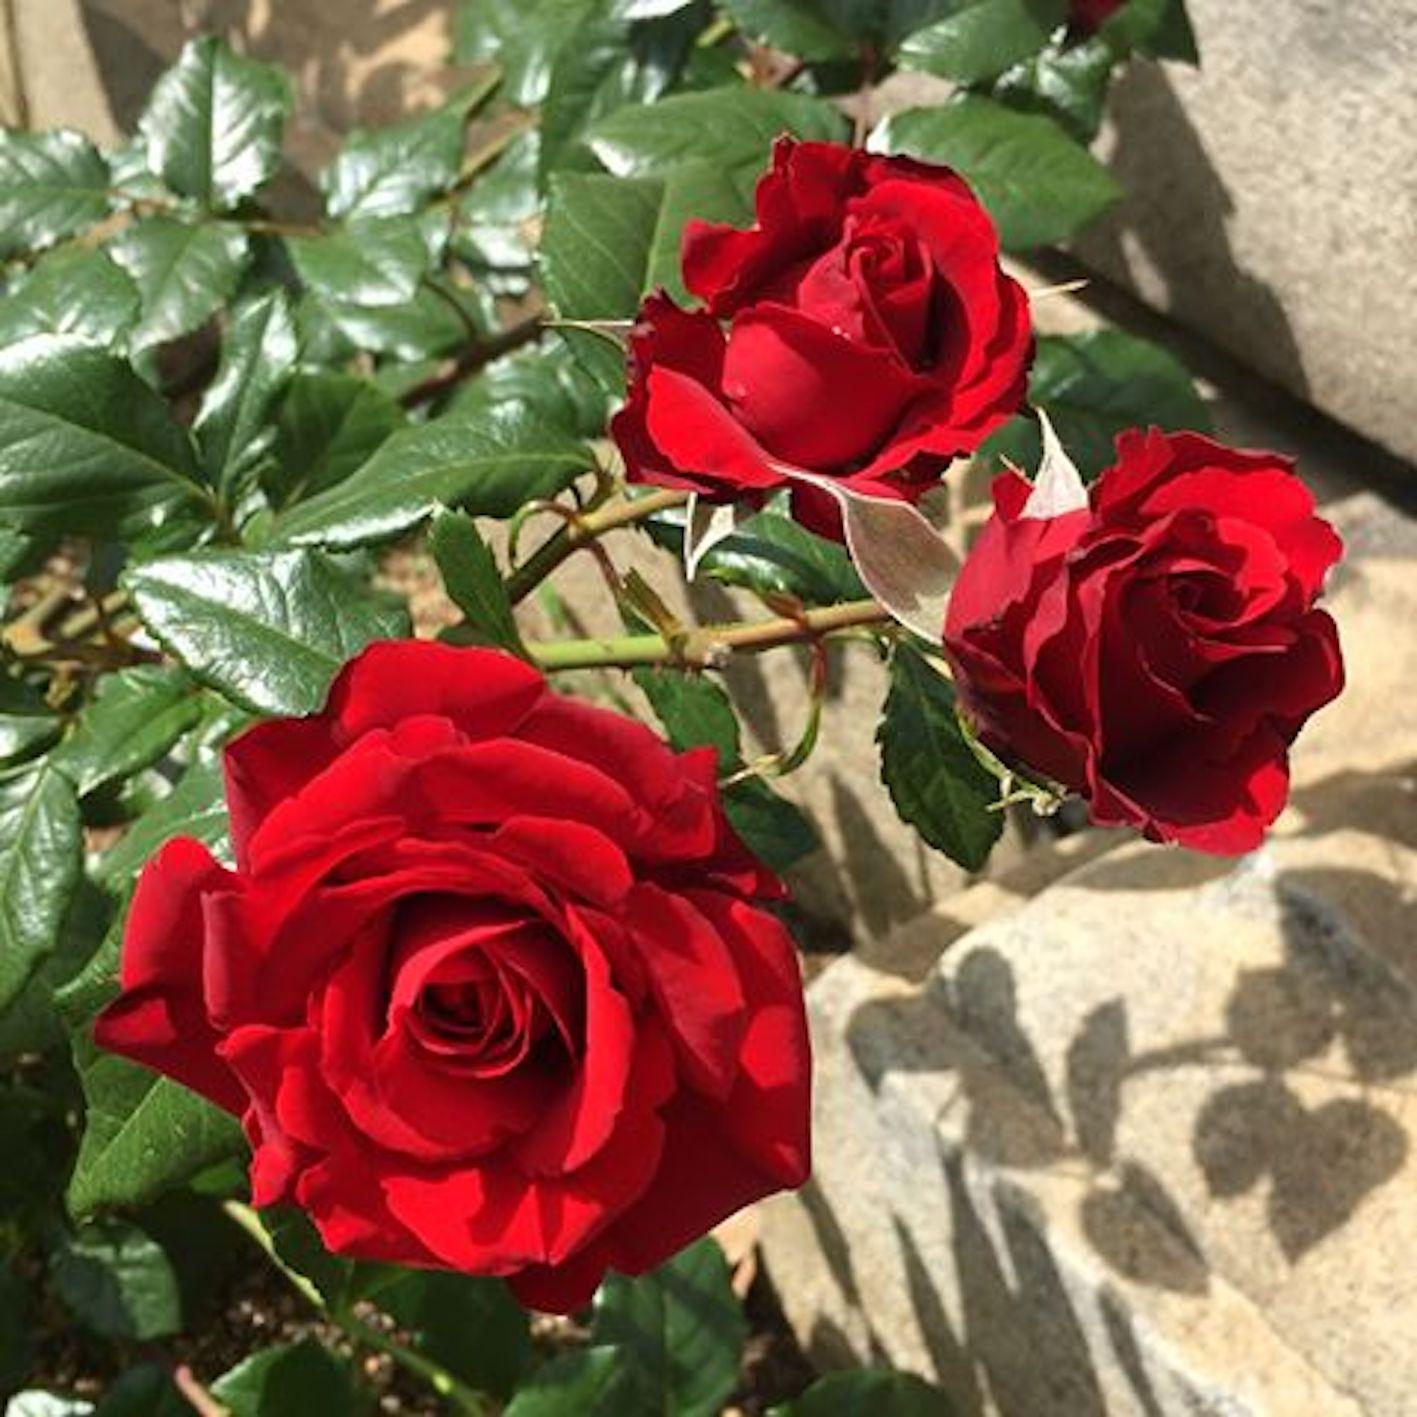 バラ 種類 赤